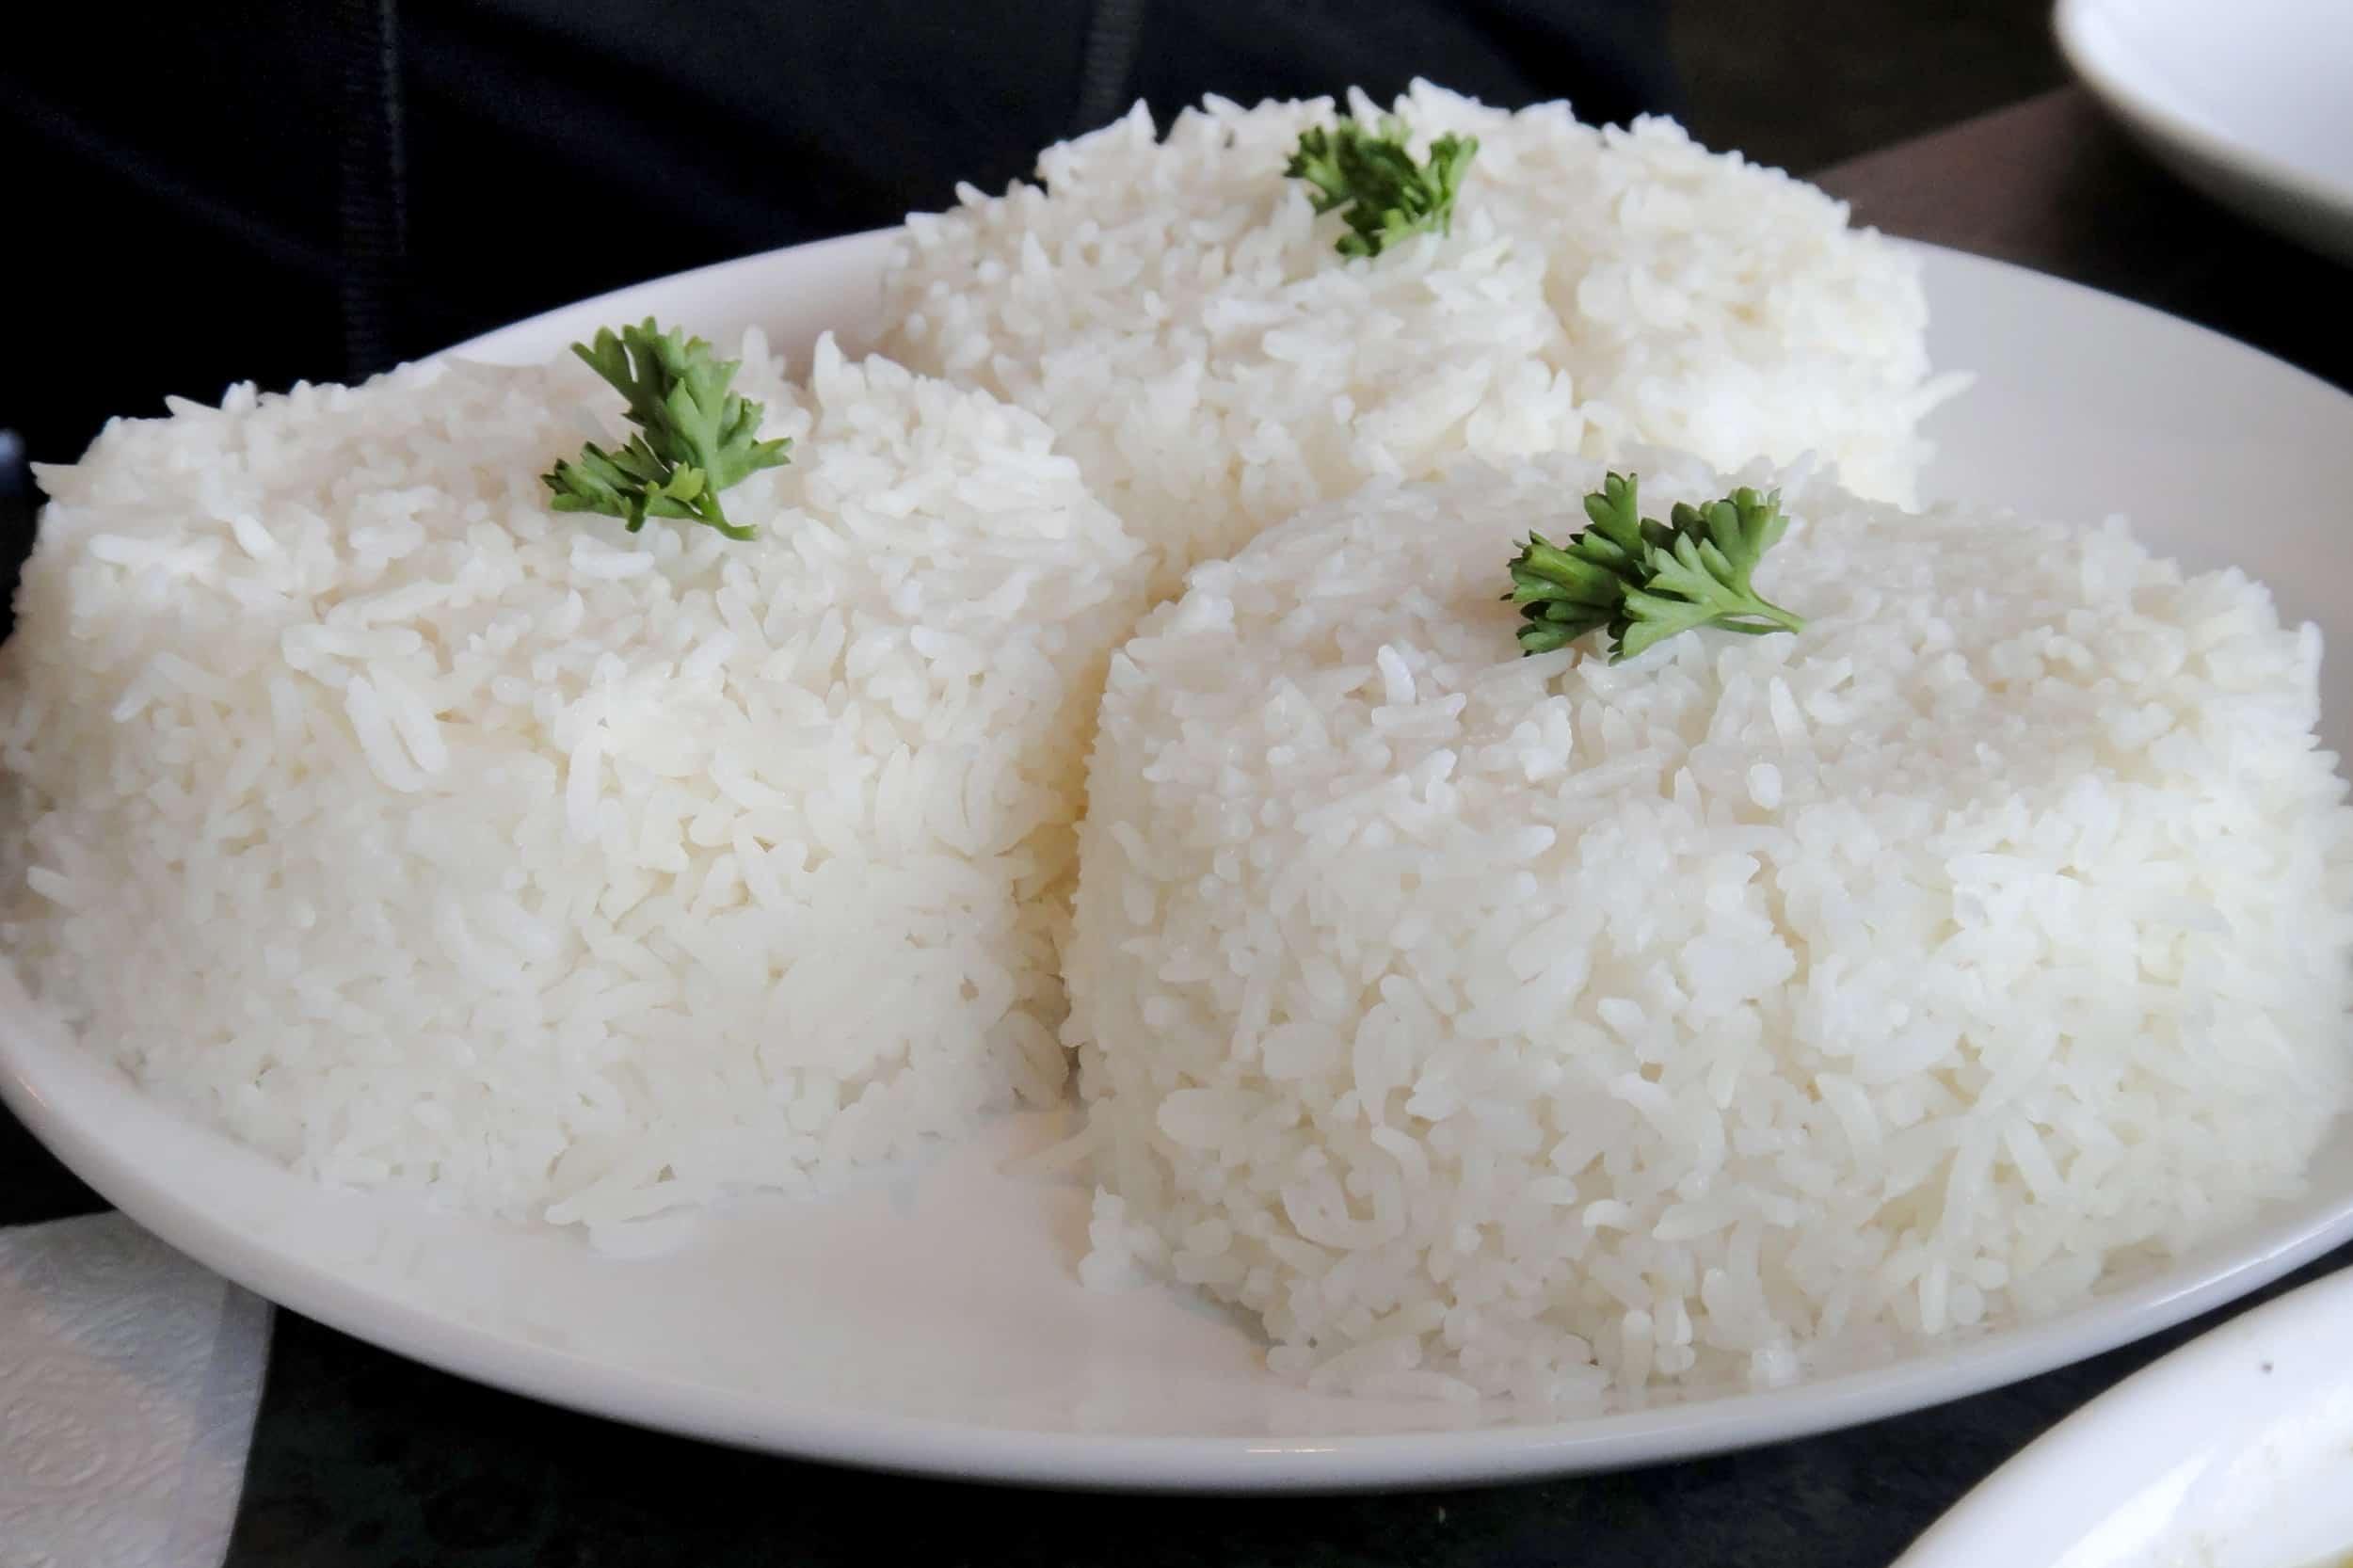 La noche engorda blanco arroz en comer